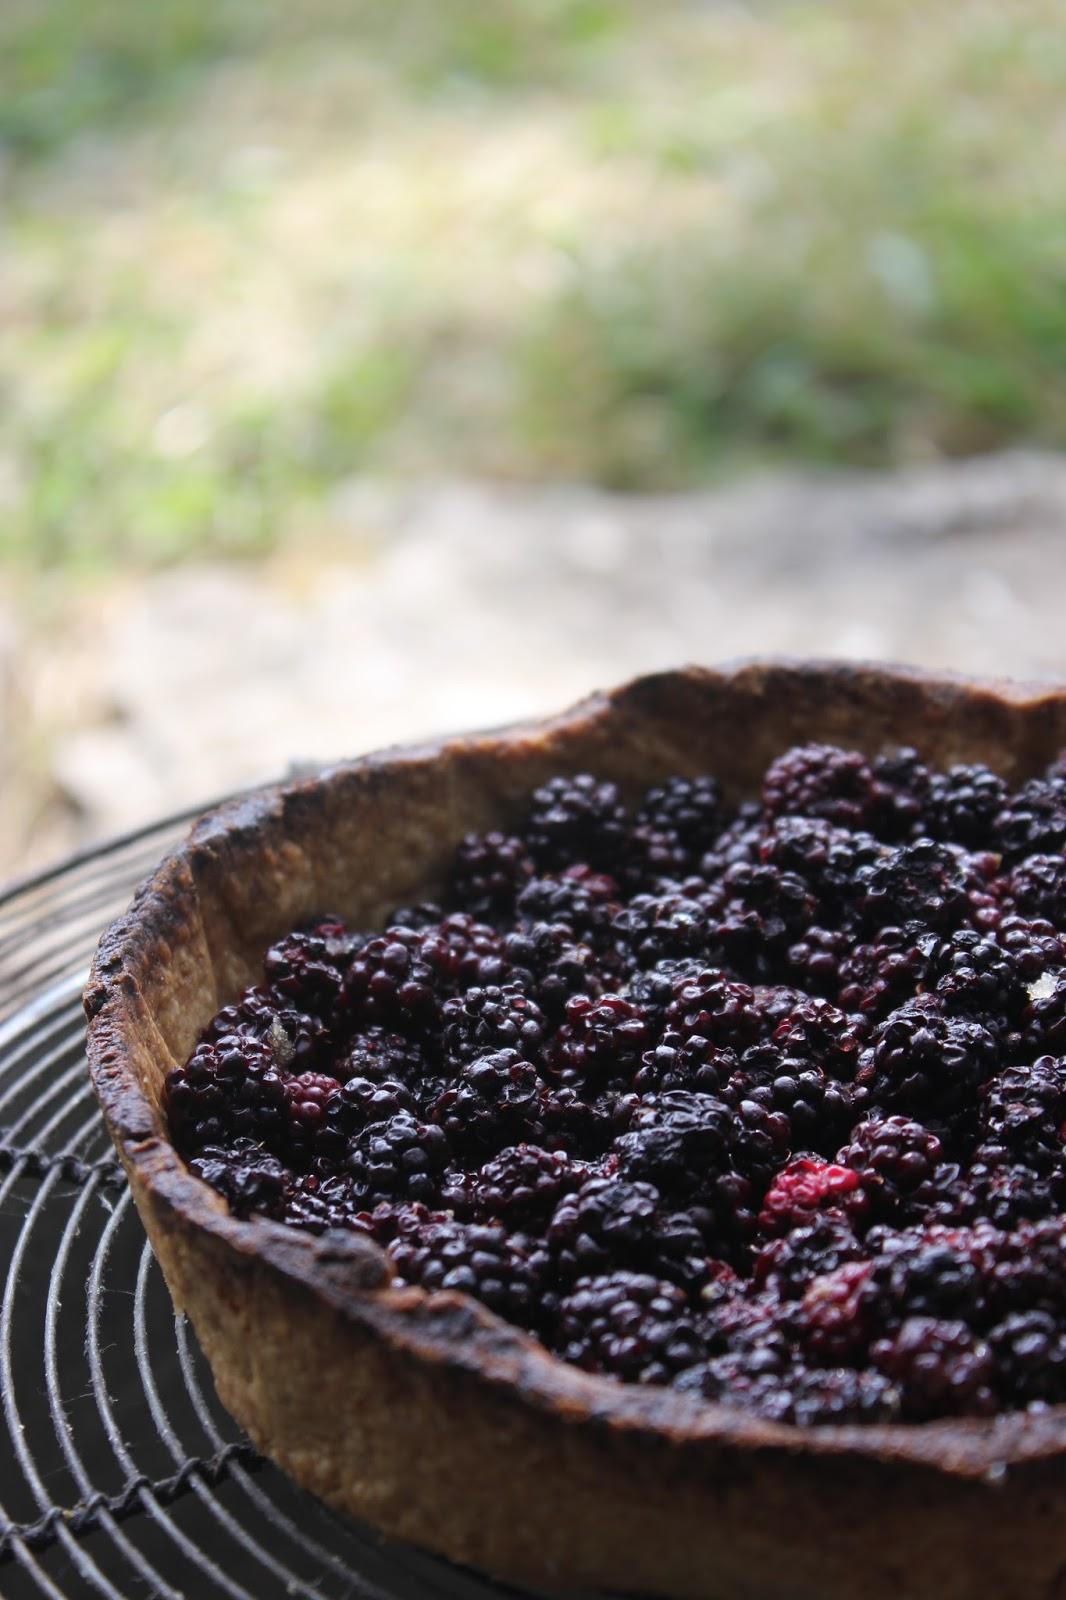 https://cuillereetsaladier.blogspot.com/2013/09/tarte-aux-mures-sauvages-parfum-rustique.html